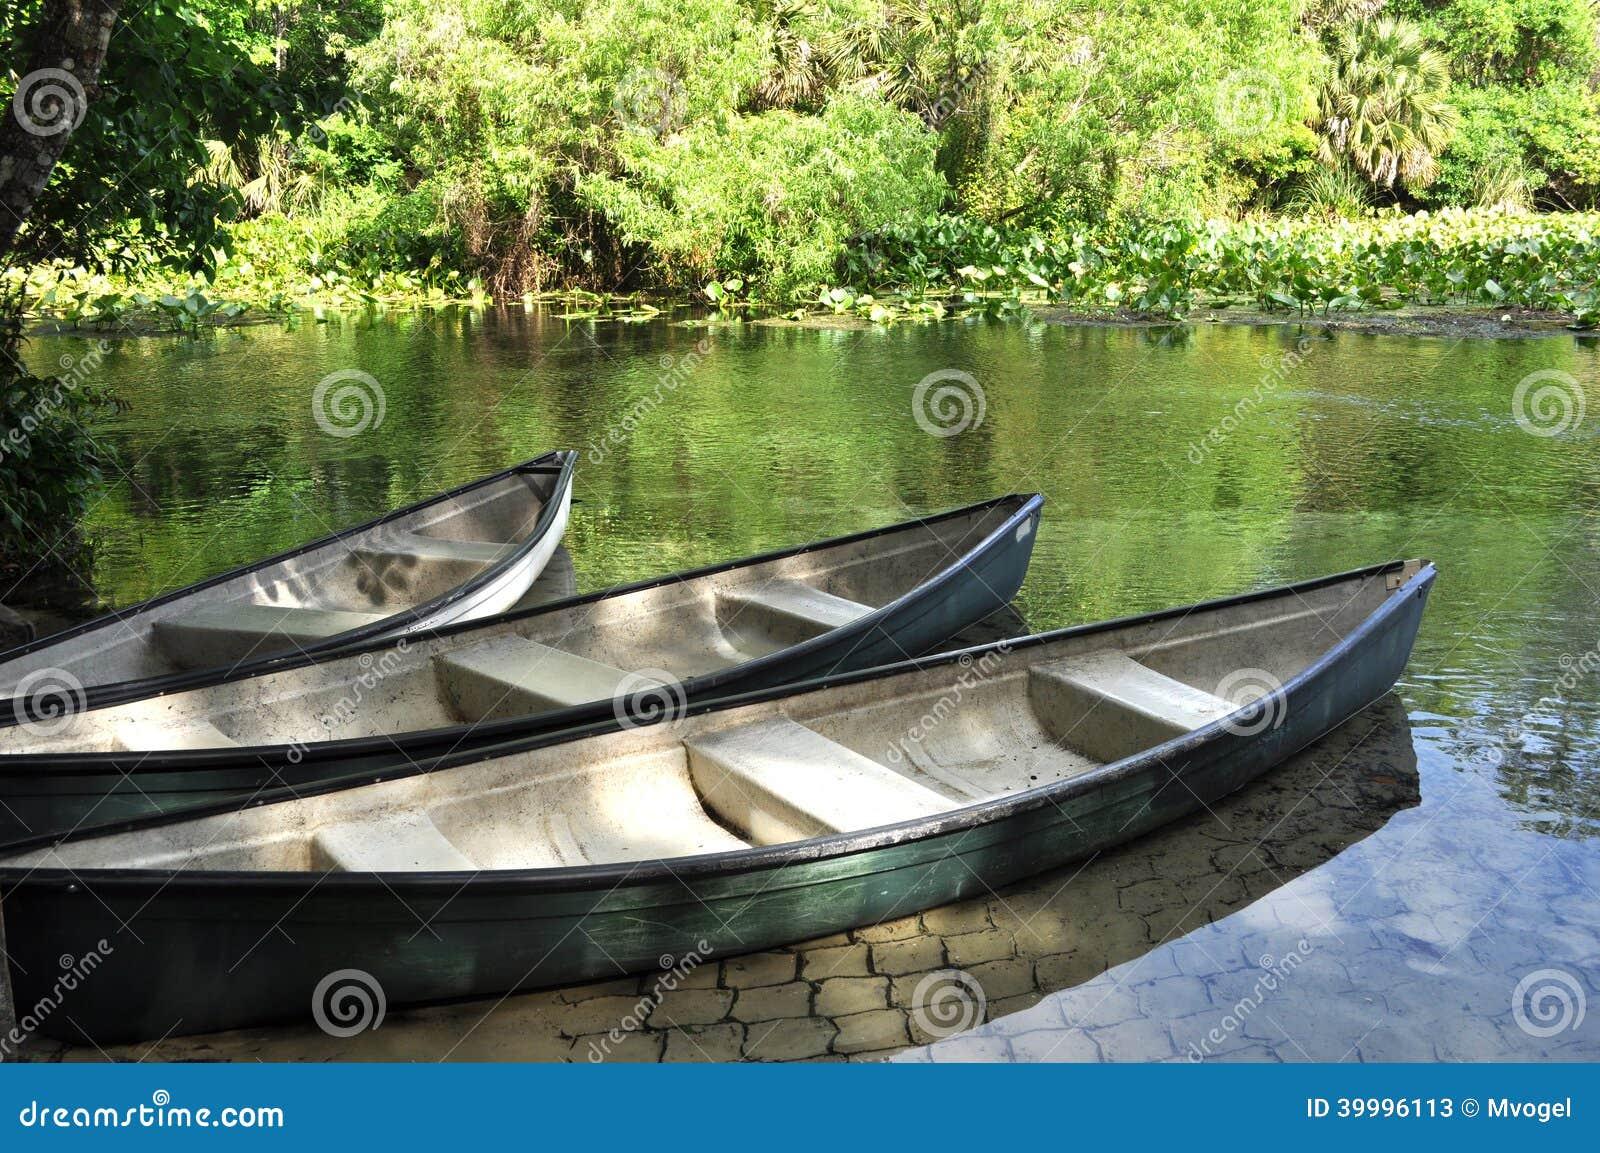 Canoës sur une rivière